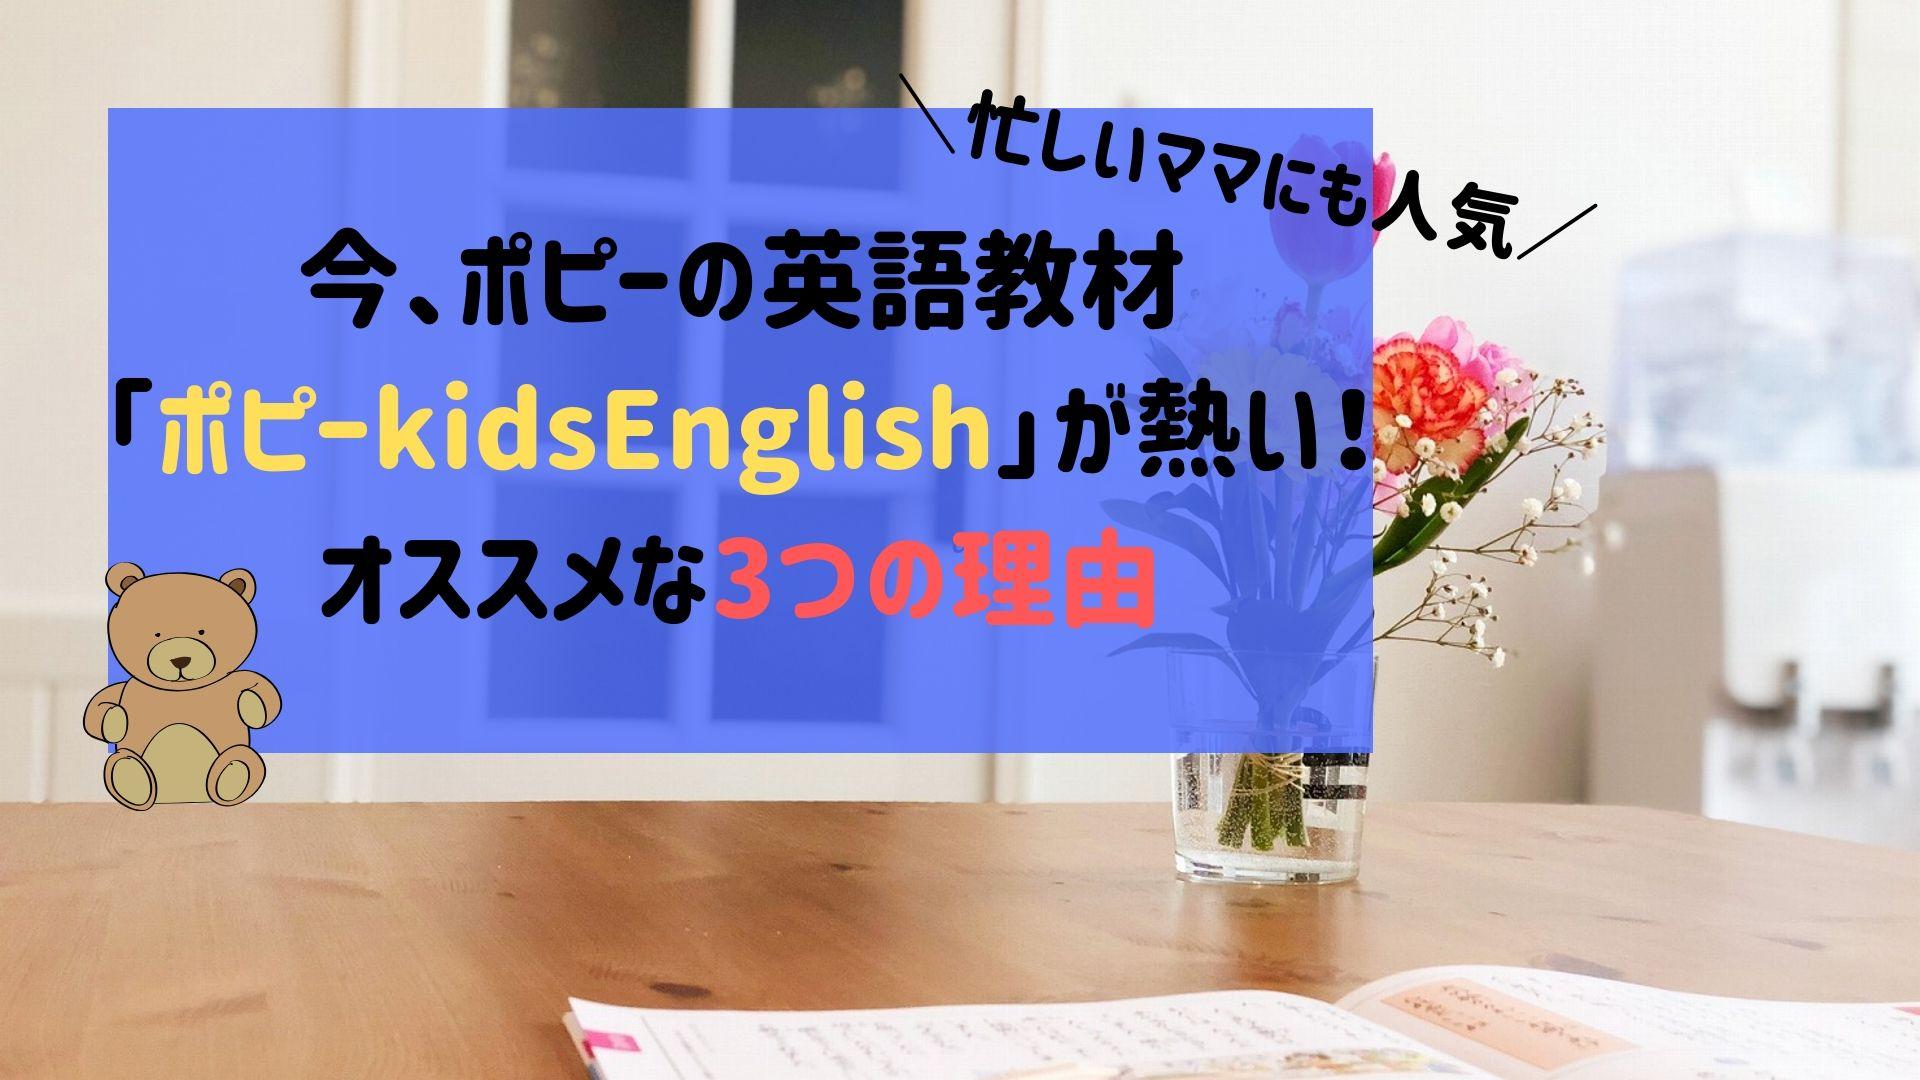 ポピーの英語教材 「ポピーkidsEnglish」が オススメな理由3